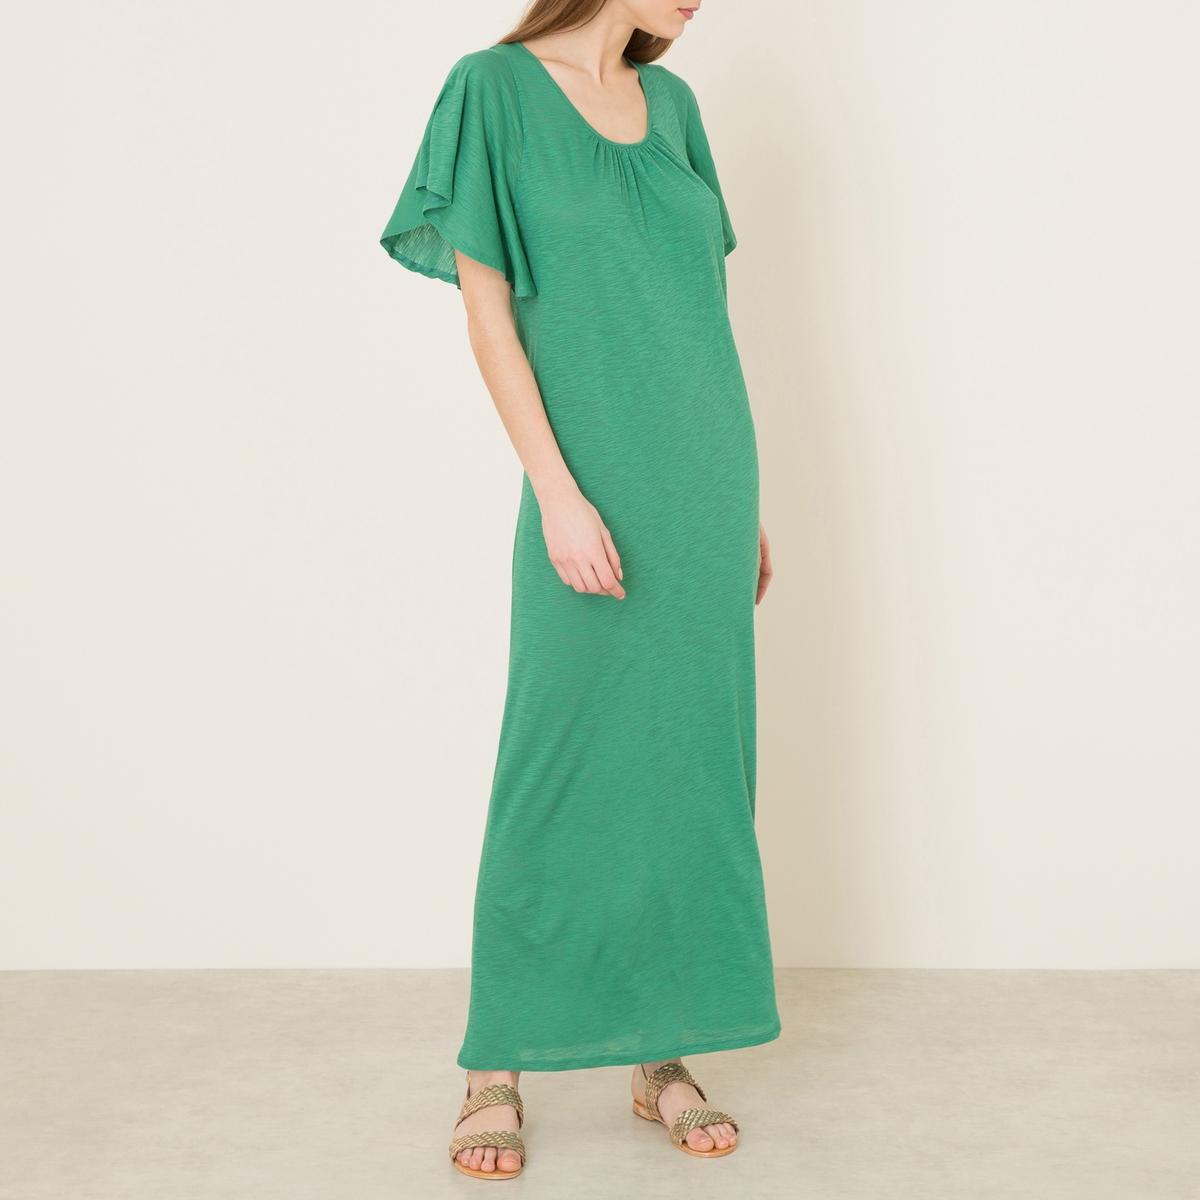 Платье CASABOПлатье длинное BA&amp;SH - модель CASABO из однотонной хлопковой вуали. Круглый вырез. Короткие рукава с воланами. Спинка с U-образным вырезом и завязками . Состав и описание    Материал : 100% хлопок   Марка : BA&amp;SH<br><br>Цвет: зеленый